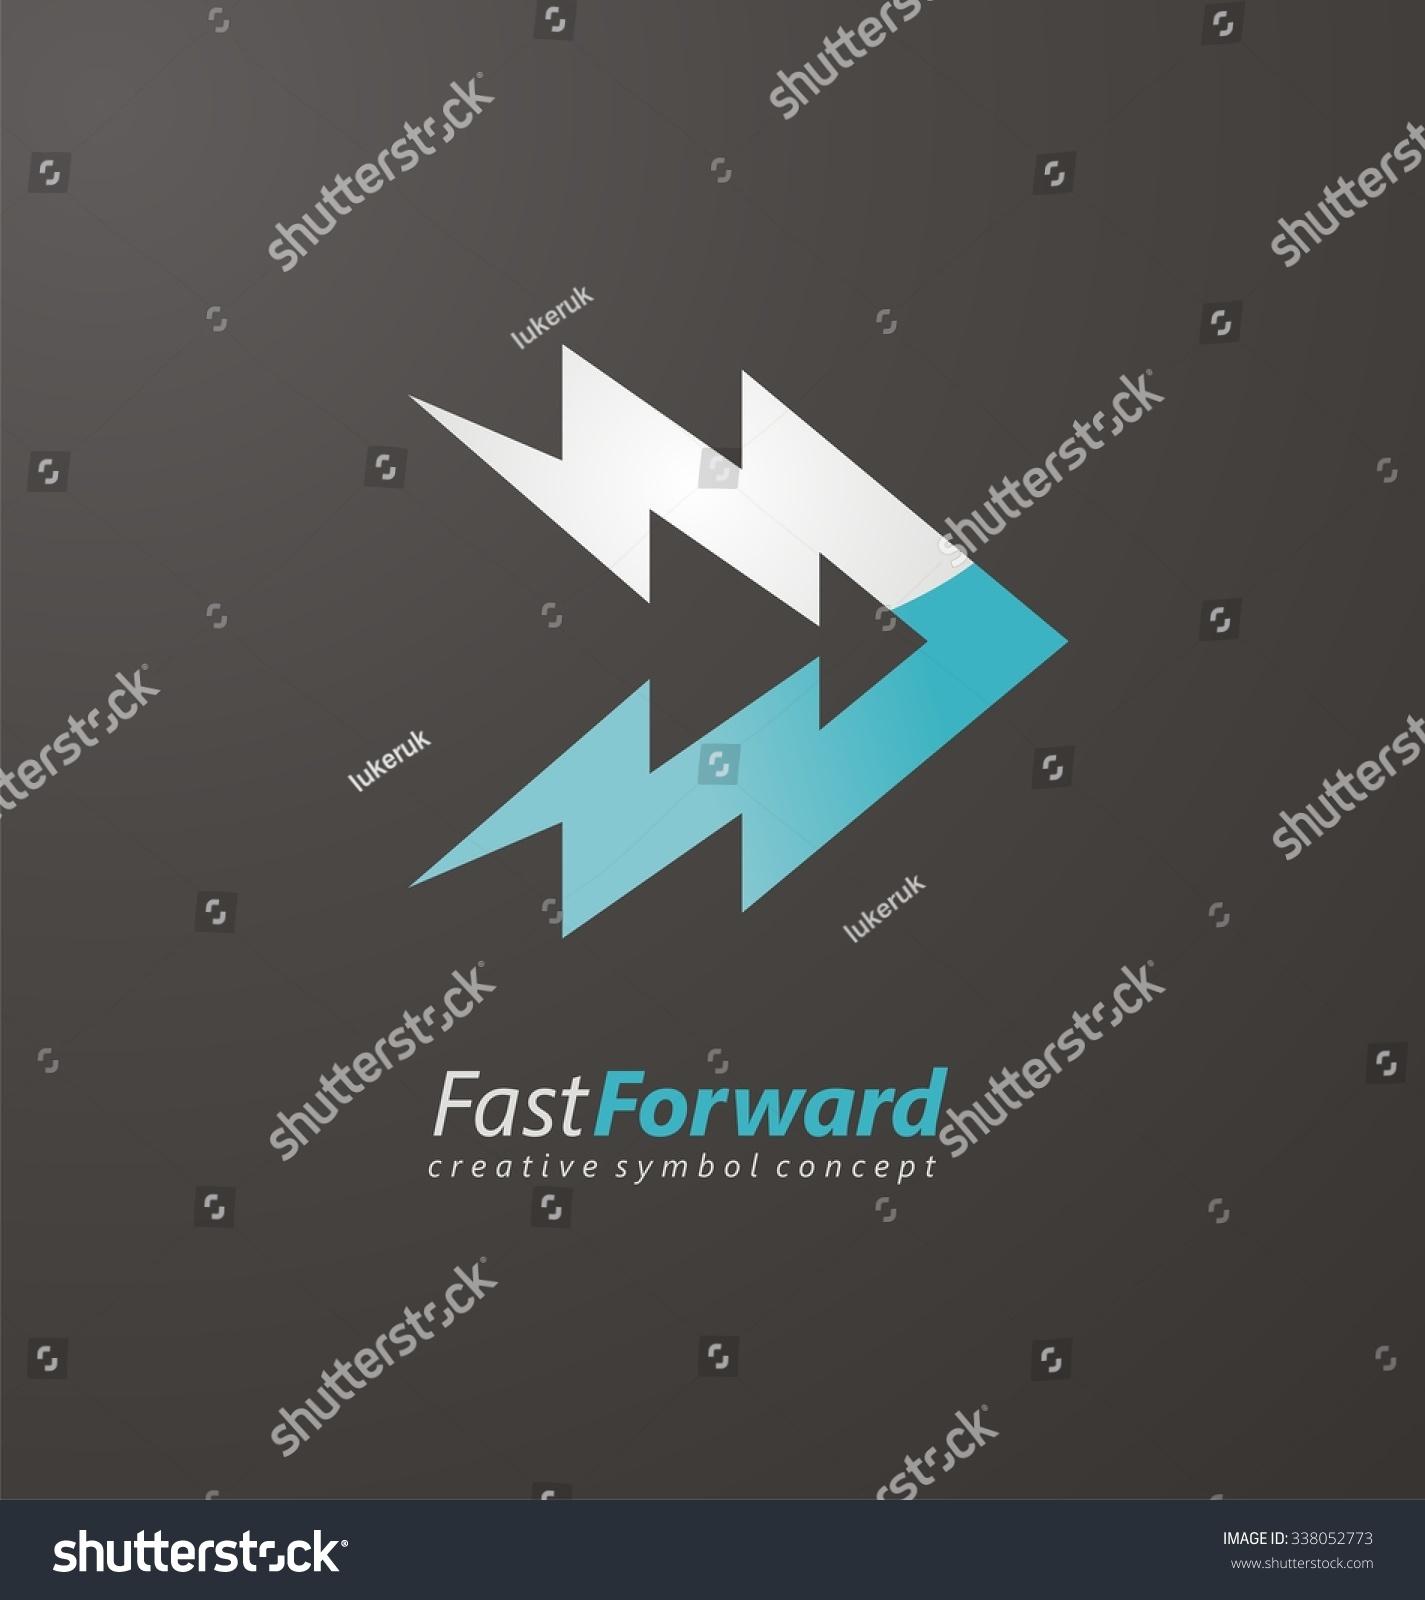 T mobile fast flirting